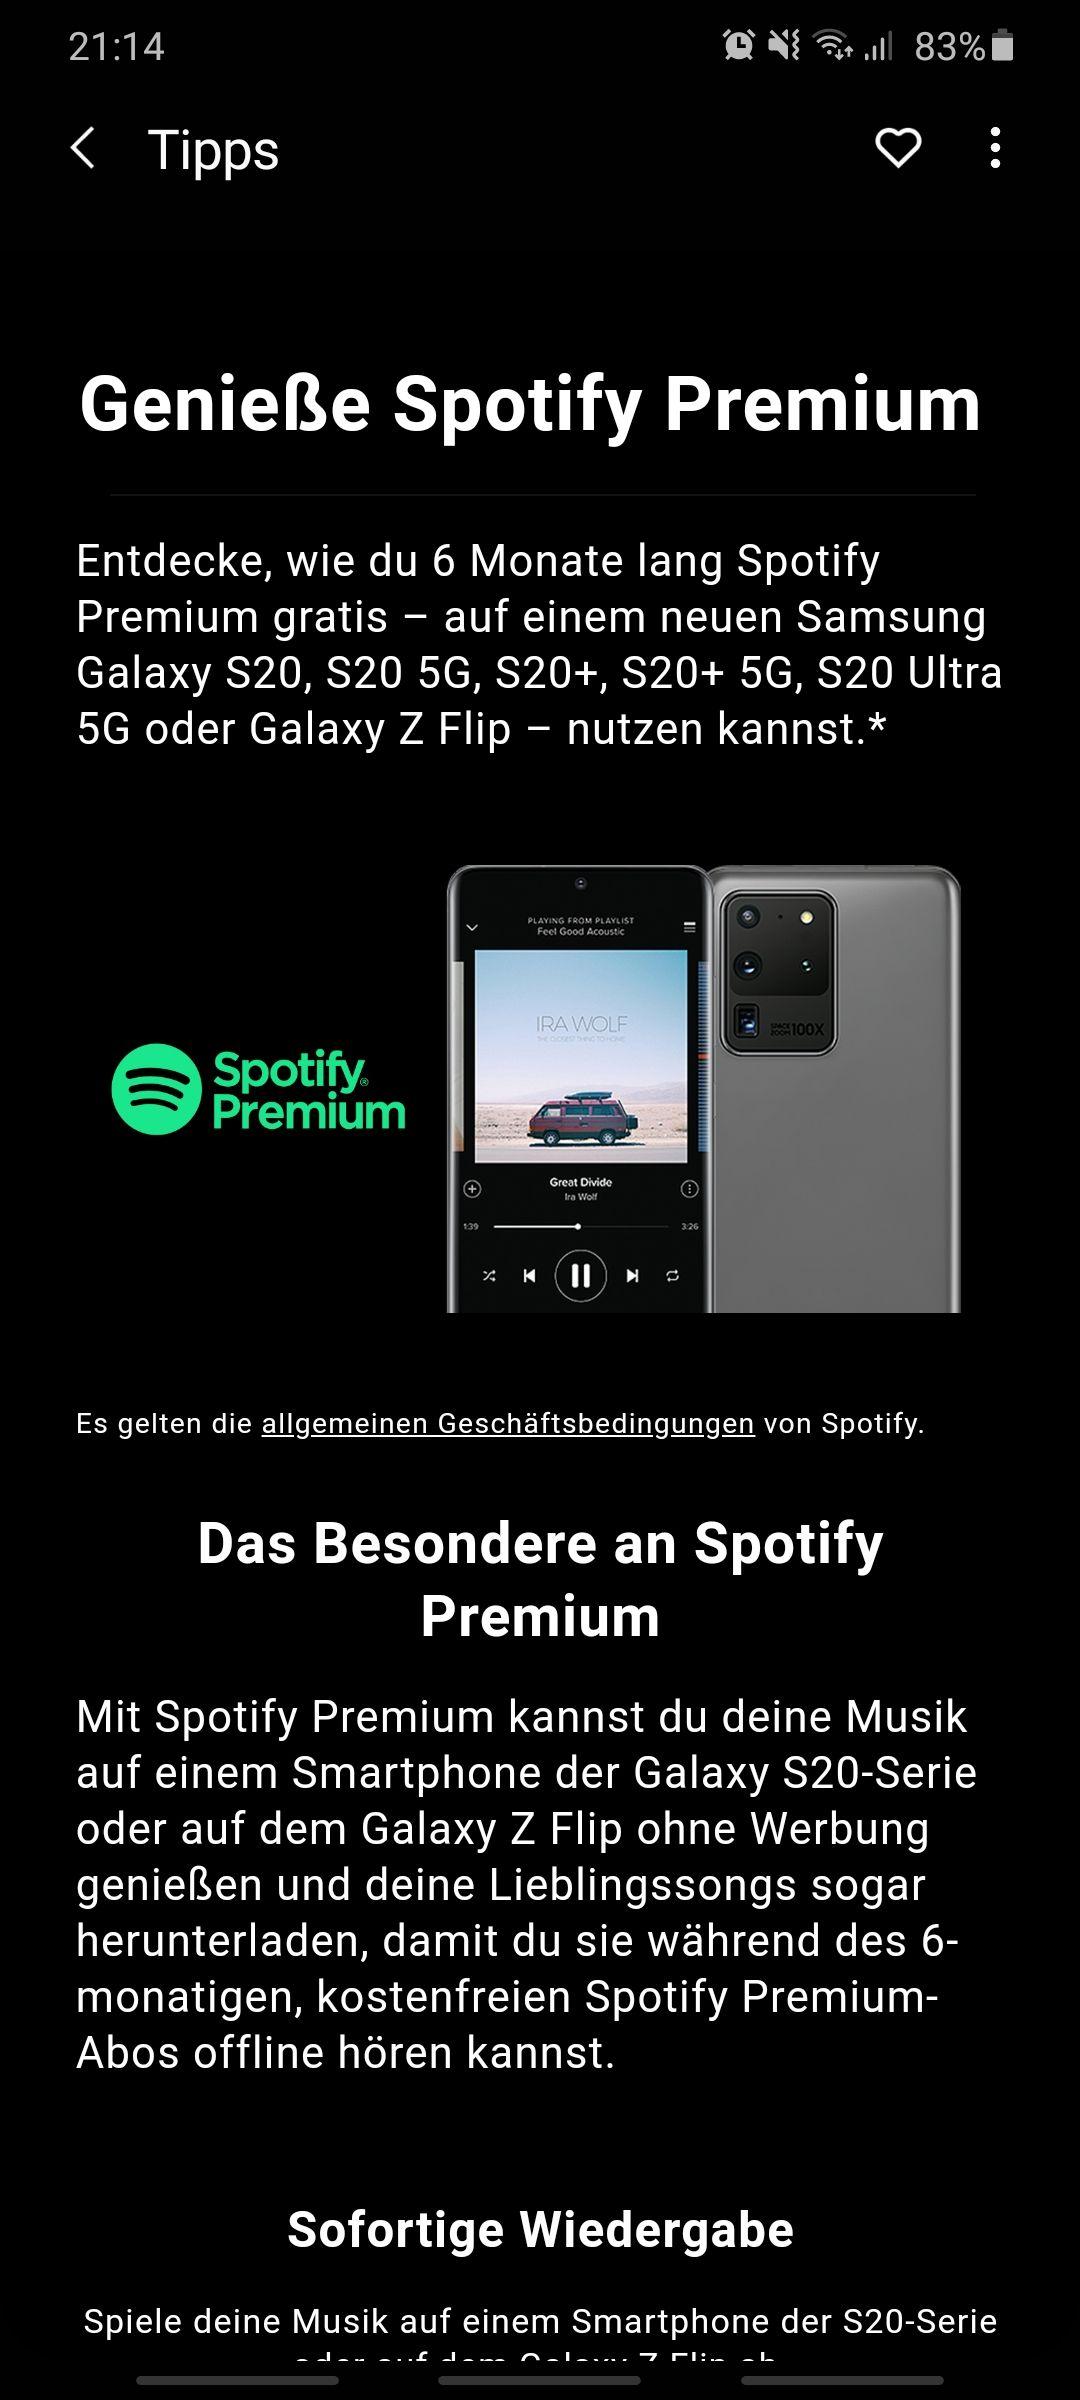 6 Monate Spotify Premium NUR FÜR DIE S20 REIHE ODER Z FLIP NUTZER